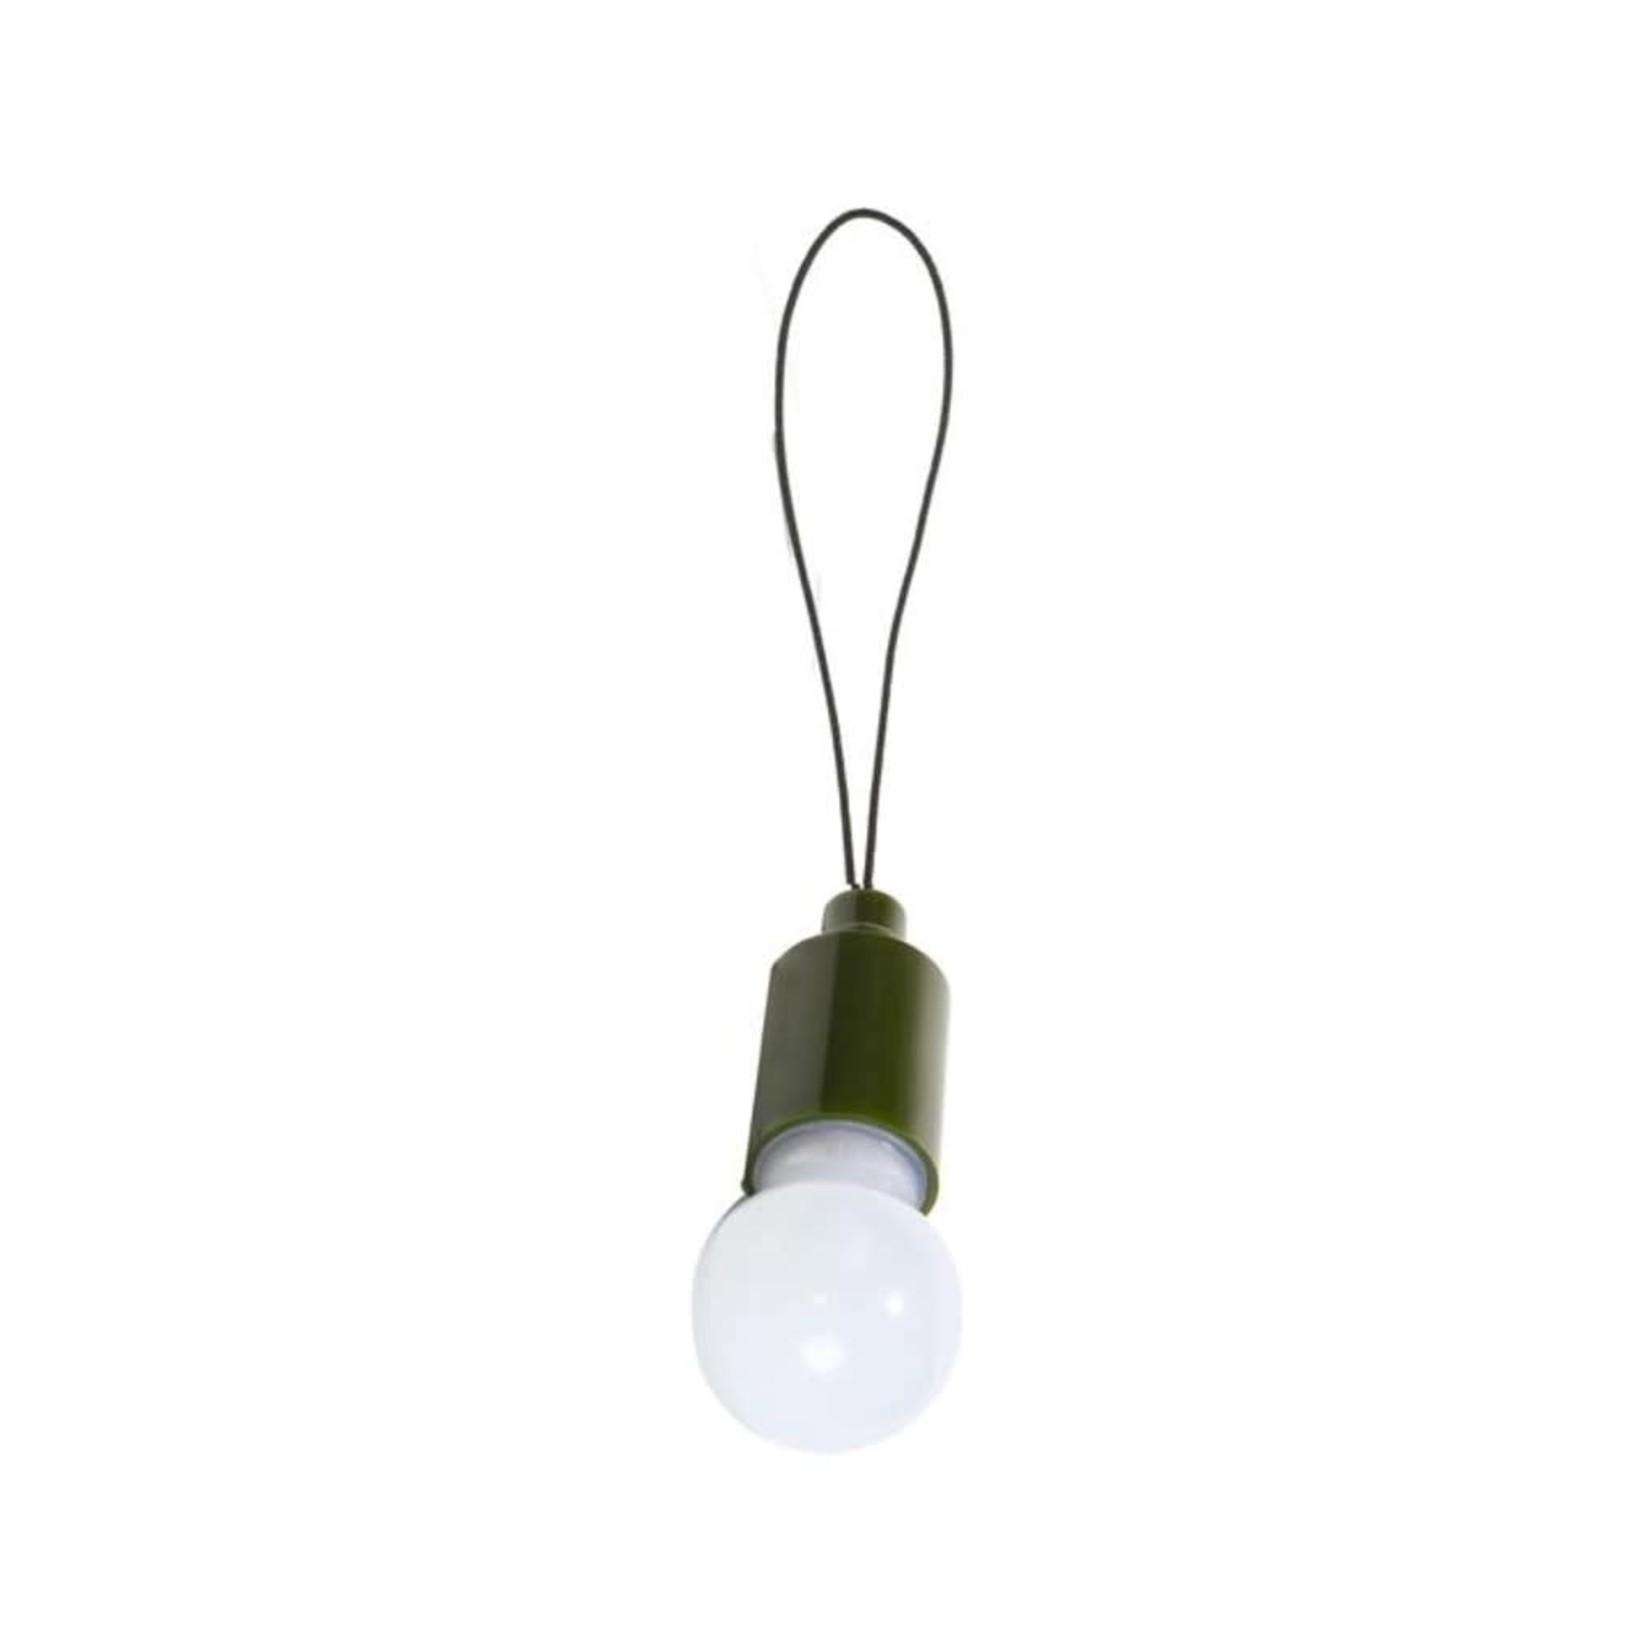 Kikkerland Mini Pull Light